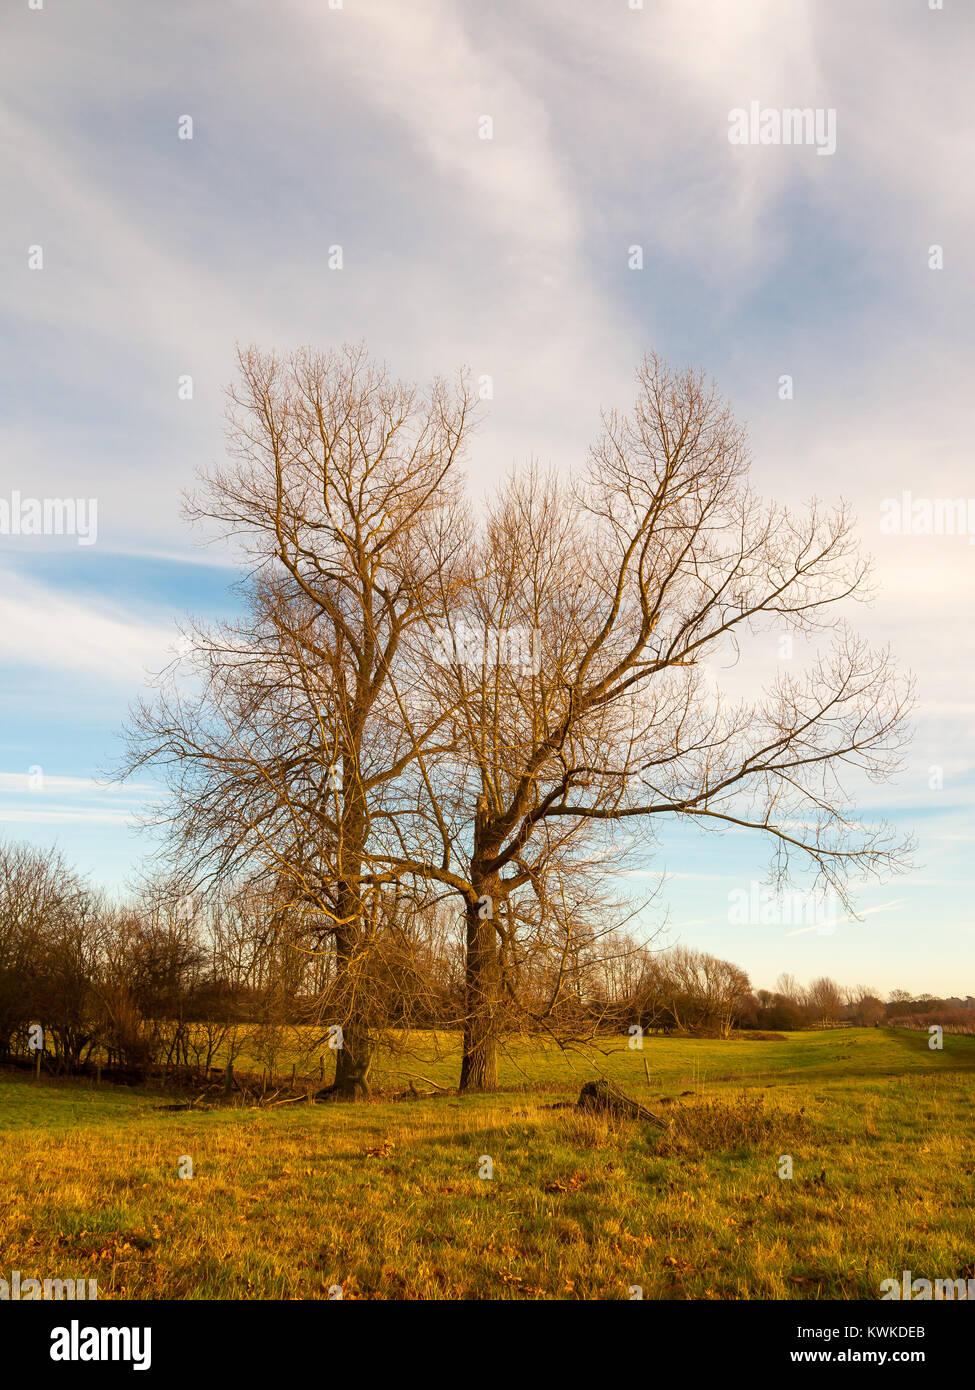 Spring Summer Autumn Winter Trees Stock Photos & Spring ...